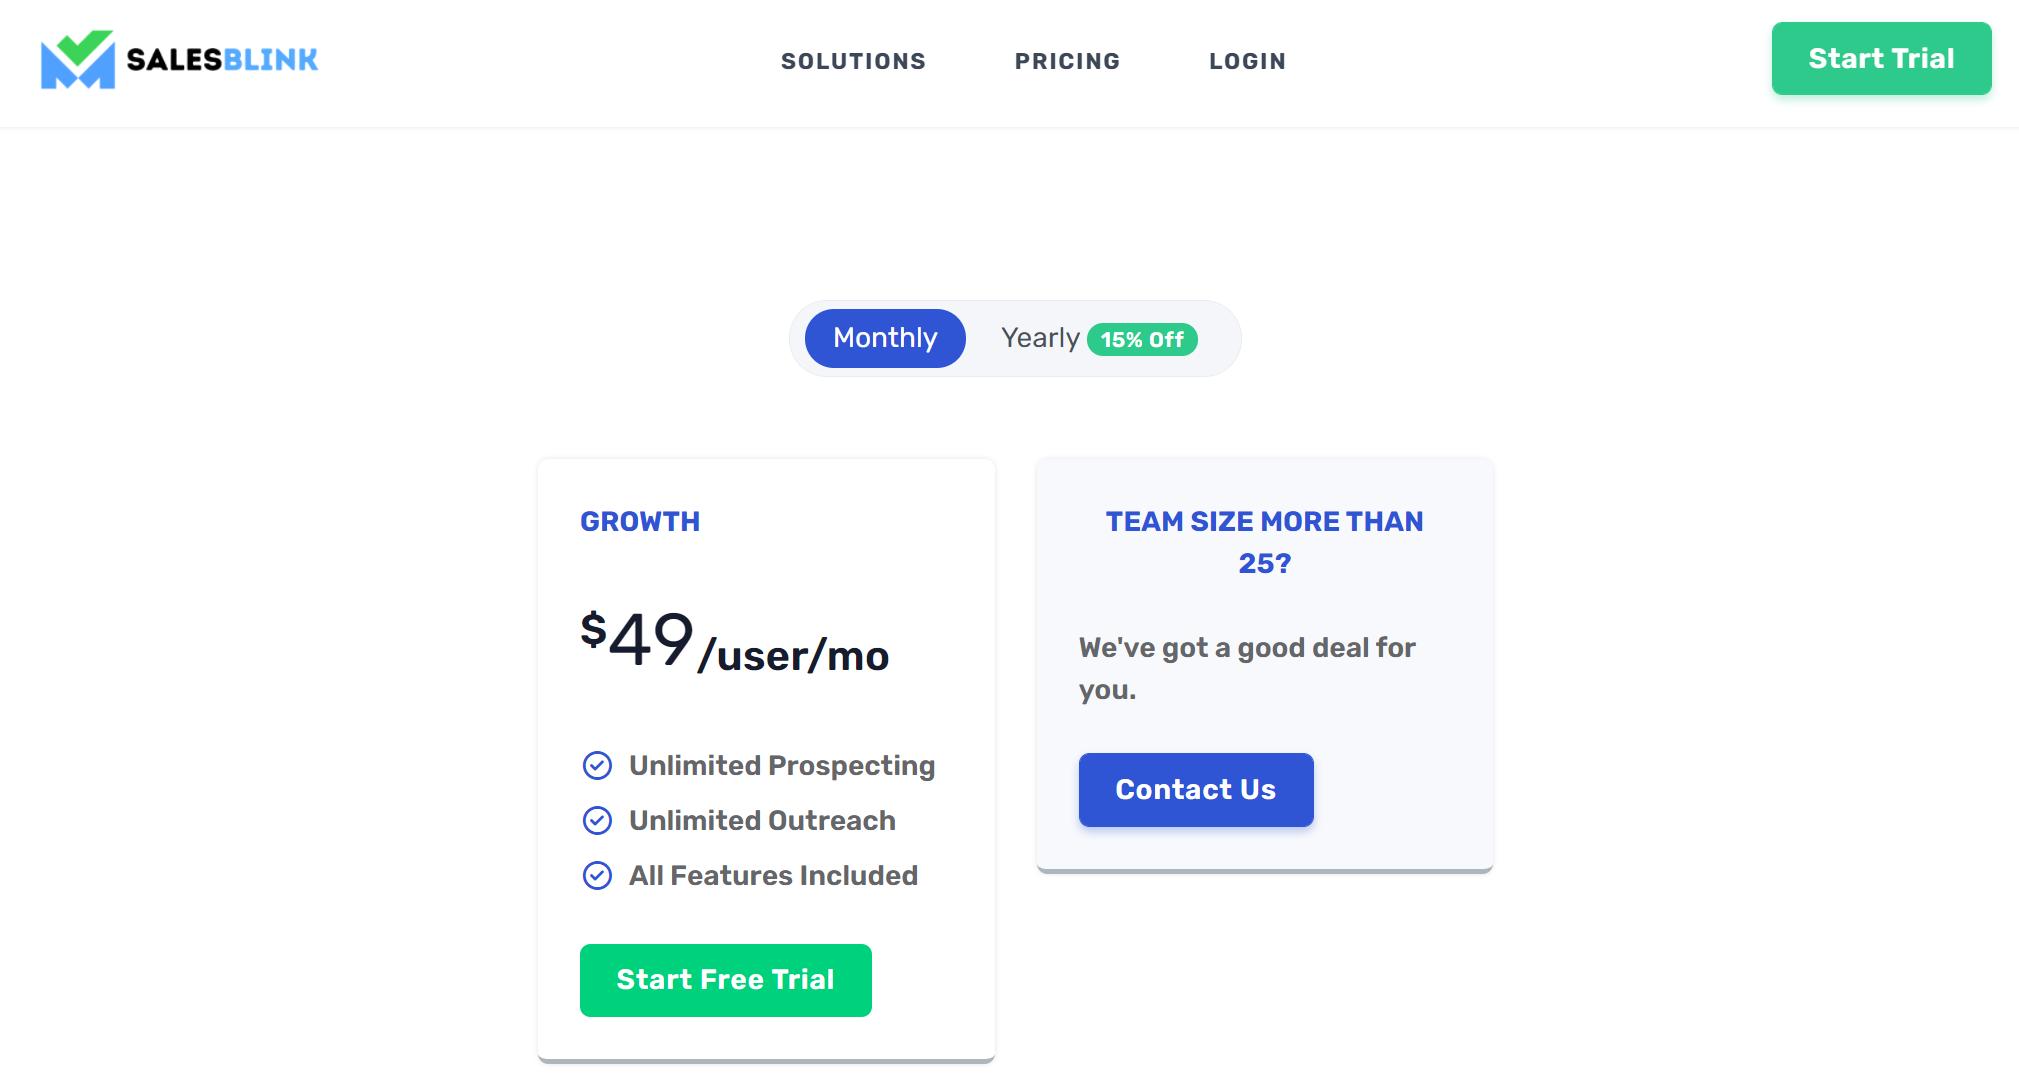 SalesBlink - Pricing